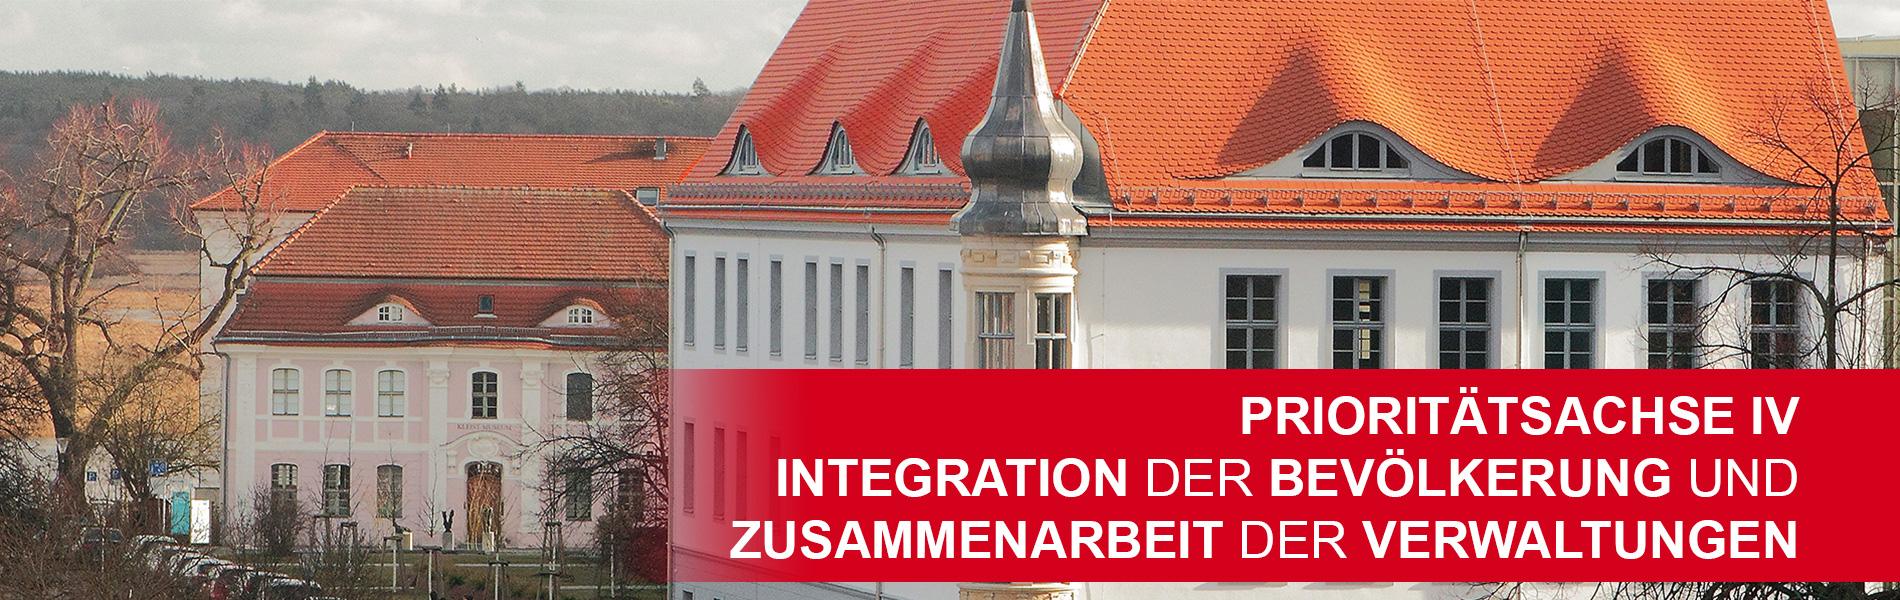 kooperationsprogramm interreg v a brandenburg polen 2014 2020. Black Bedroom Furniture Sets. Home Design Ideas